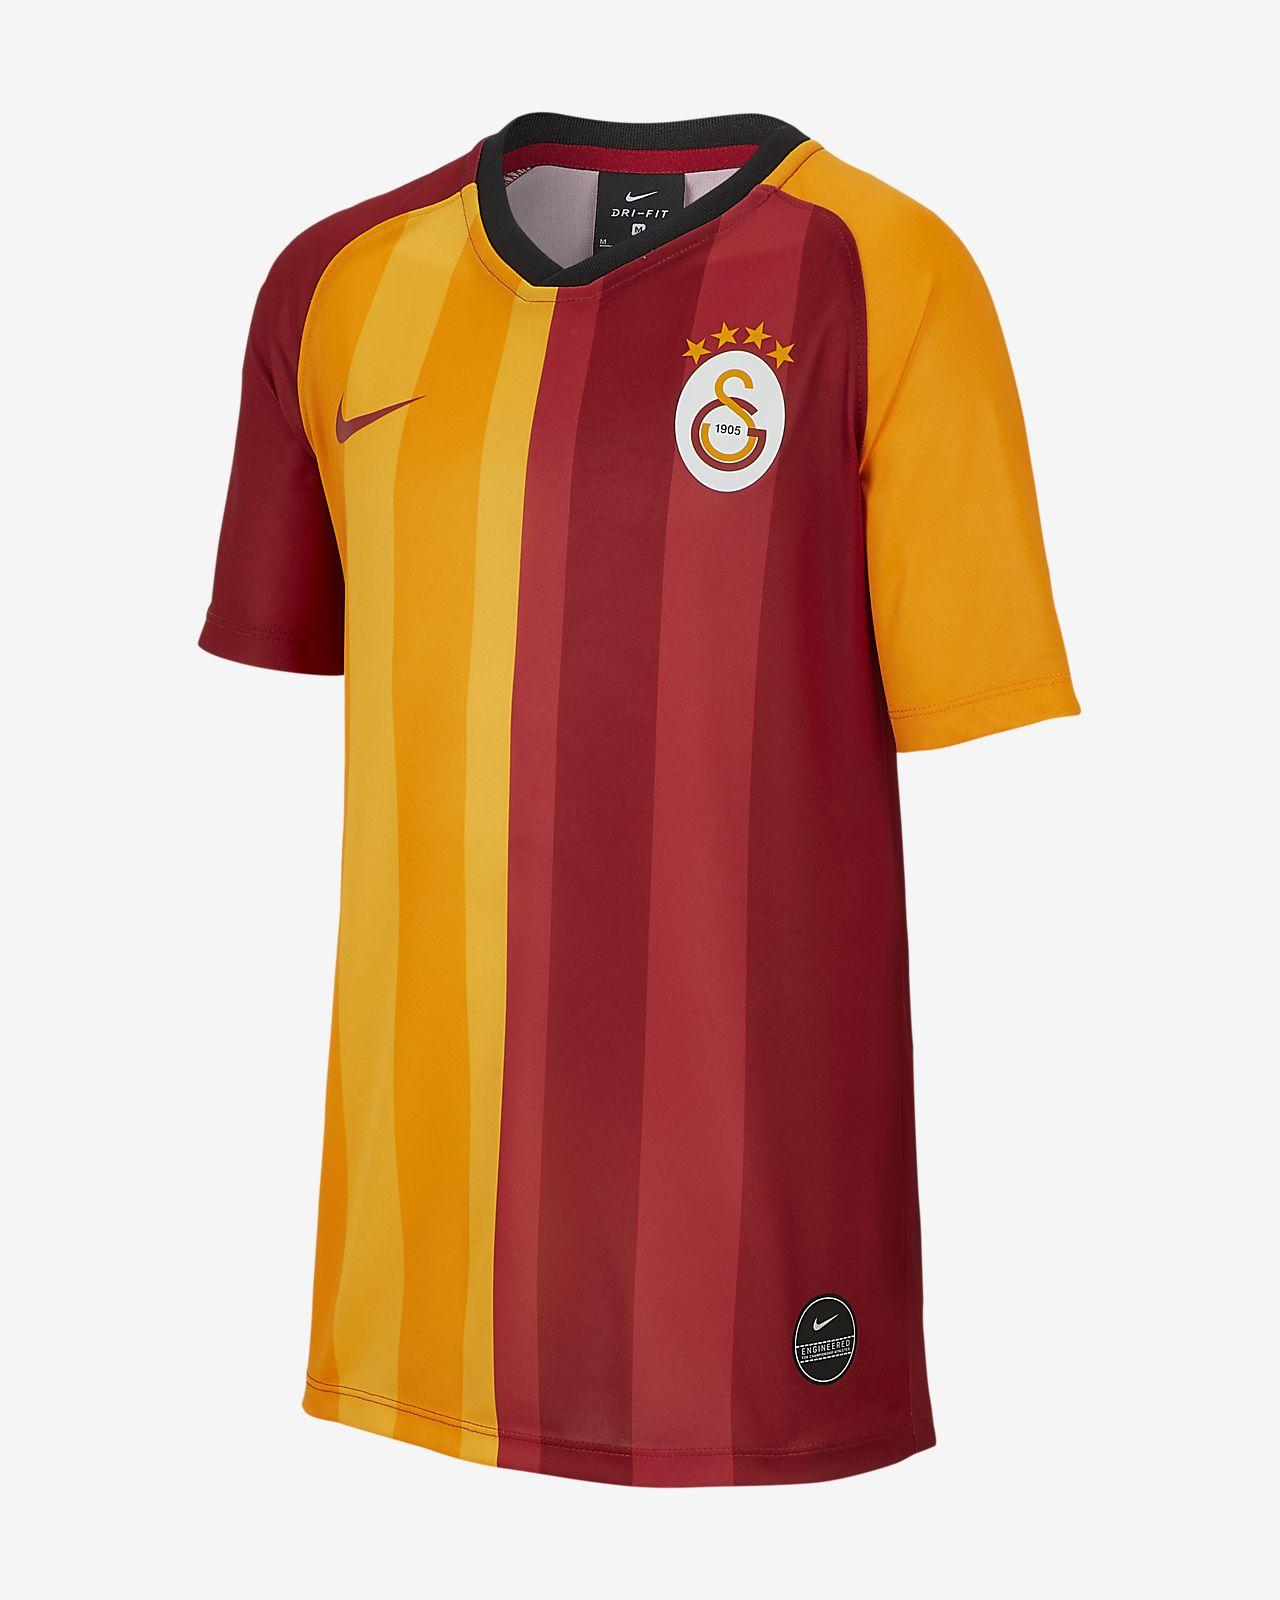 Domácí fotbalové tričko Galatasaray 2019/20 s krátkým rukávem pro větší děti